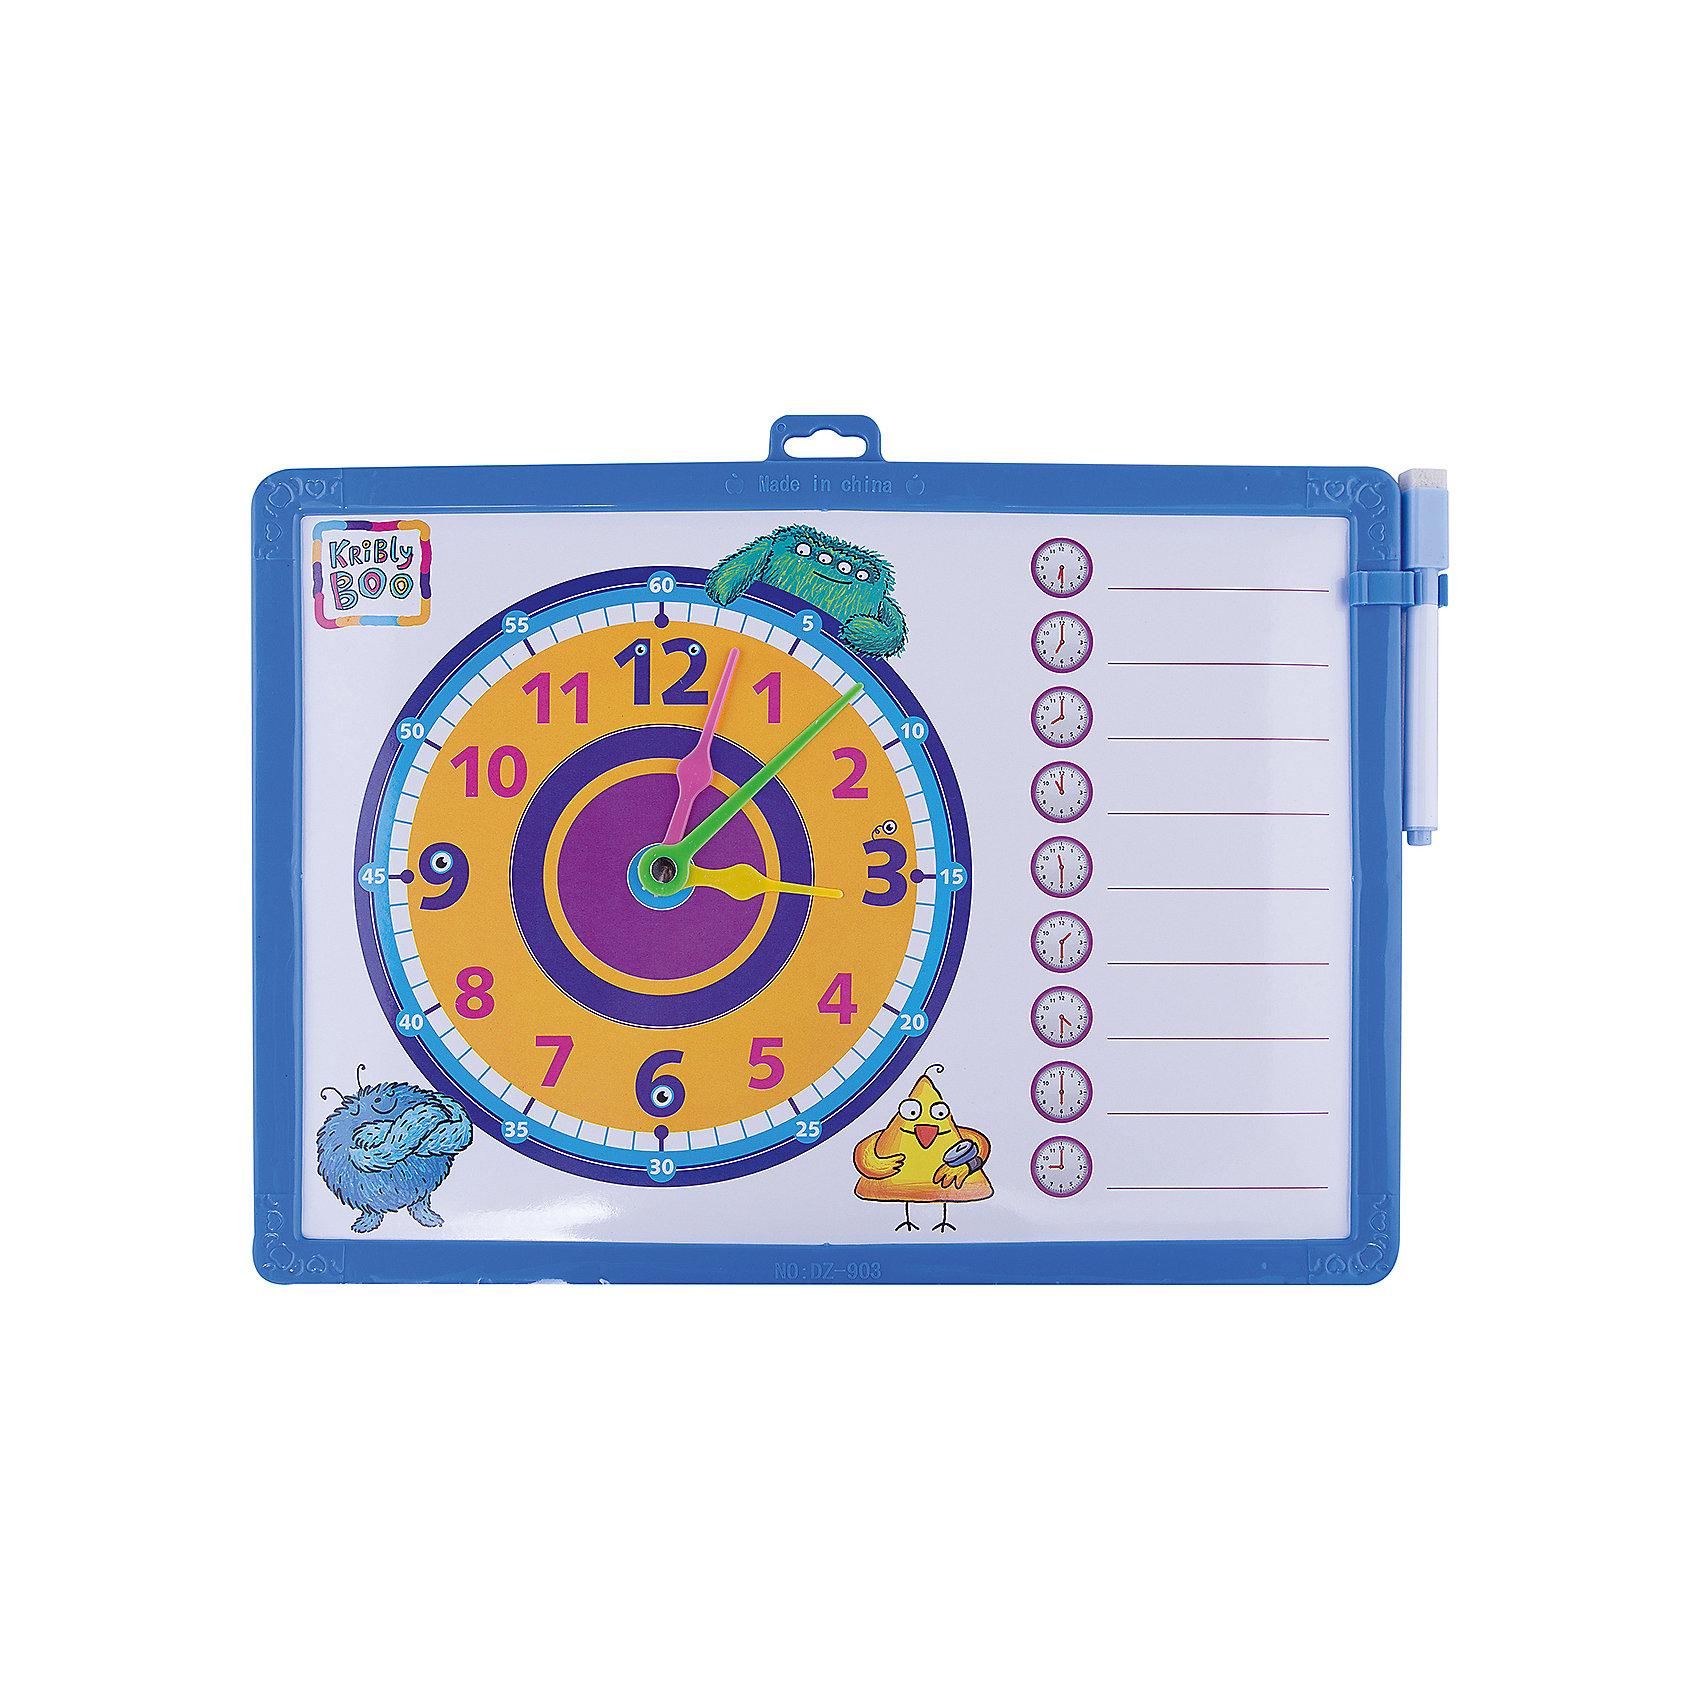 Доска-часы двусторонняя, с маркером (синяя)Рисование<br>Характеристики товара:<br><br>• цвет: синий<br>• материал: полимер<br>• размер: 25х34 см<br>• вес: 180 г<br>• комплектация: доска-часы, маркер<br>• возраст: от трех лет<br>• страна бренда: Финляндия<br>• страна изготовитель: Китай<br><br>Такая доска сделает учебу легче и интереснее! Доска выпонена в приятной яркой расцветке. С помощью неё ребенок легко научится узнавать время, сможет рисовать, а также будет тренировать внимательность, абстрактное мышление, логику, усидчивость. Комплект будет полезен собирающимся идти в школу, а также младшим школьникам. <br>На одной стороне изделия - часы, на другой - поверхность для рисования. Доска выпущена в удобном формате, со всеми необходимыми предметами в наборе. Изделие производится из качественных и проверенных материалов, которые безопасны для детей.<br><br>Доску-часы двустороннюю, с маркером от бренда KriBly Boo можно купить в нашем интернет-магазине.<br><br>Ширина мм: 340<br>Глубина мм: 250<br>Высота мм: 10<br>Вес г: 183<br>Возраст от месяцев: 36<br>Возраст до месяцев: 84<br>Пол: Мужской<br>Возраст: Детский<br>SKU: 5167801